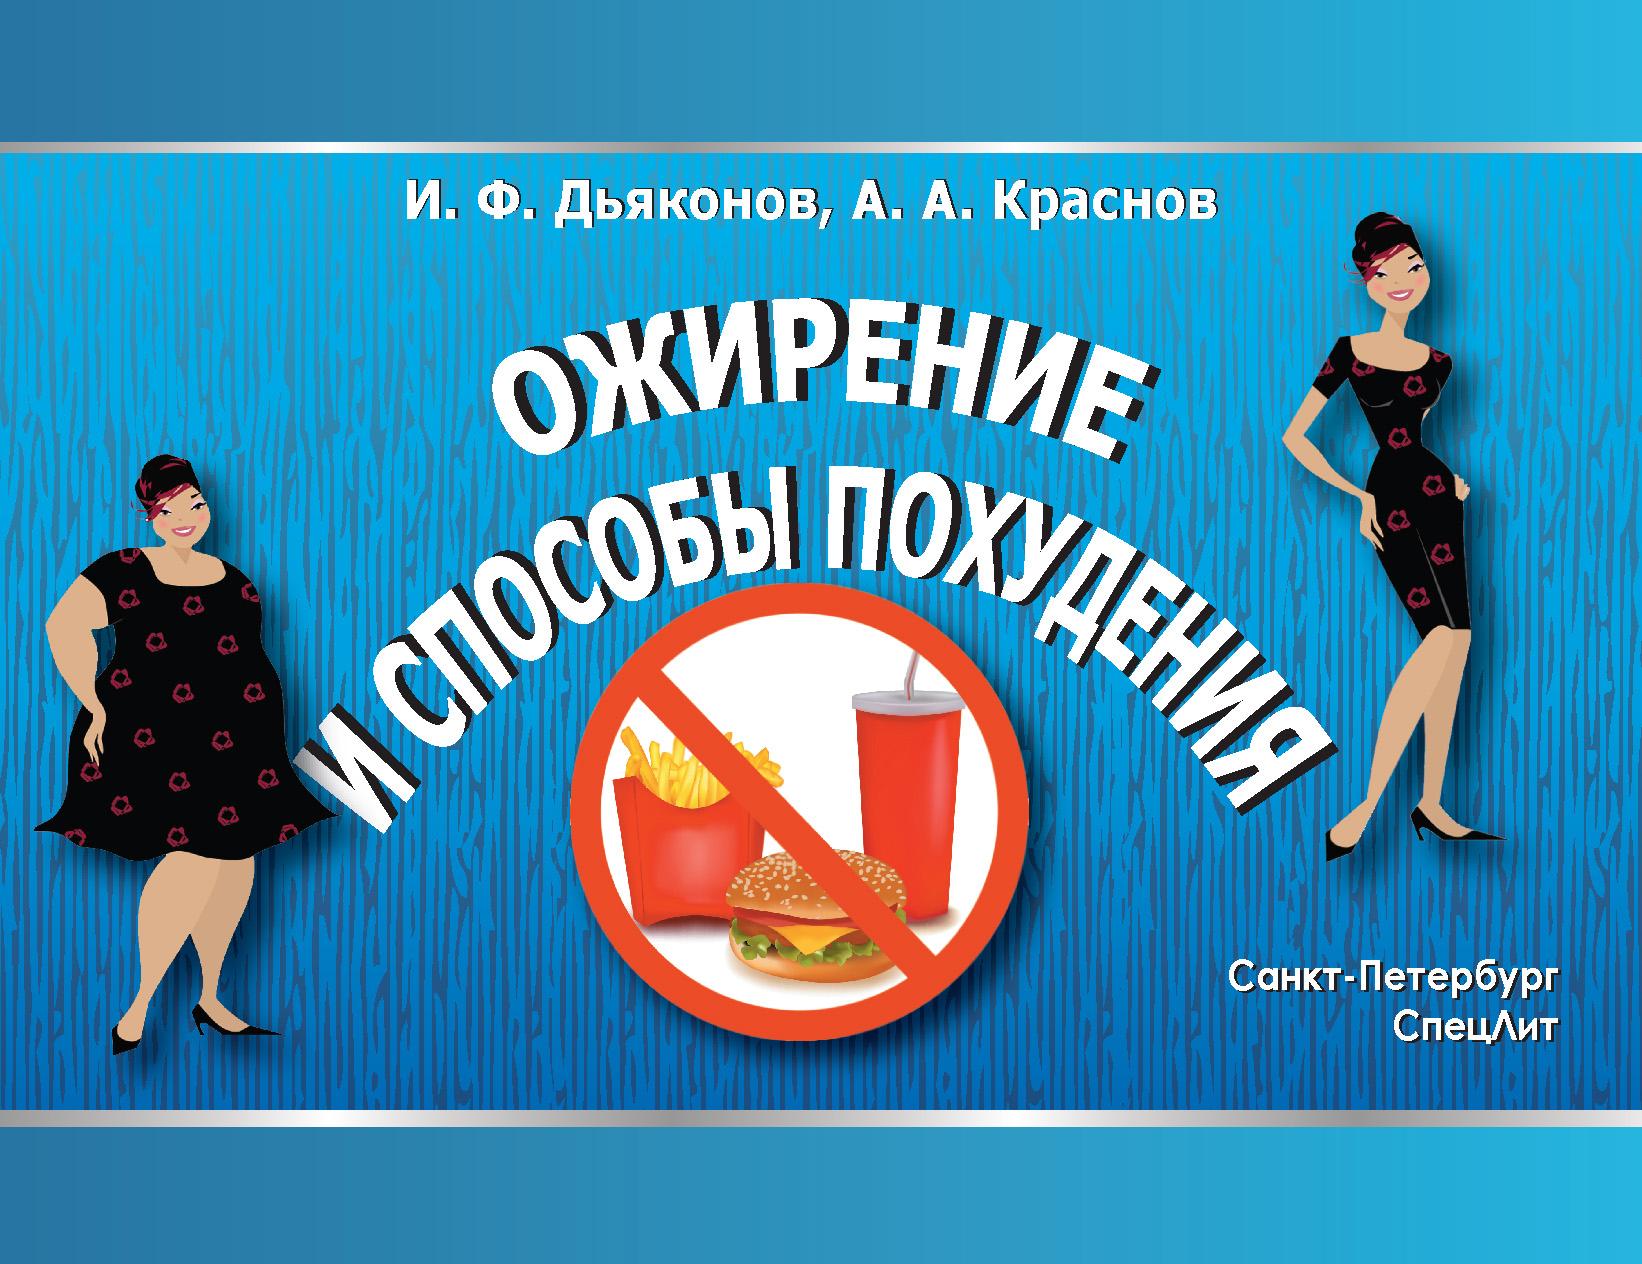 Игорь Дьяконов Ожирение и способы похудения альгинатные маски для тела для похудения